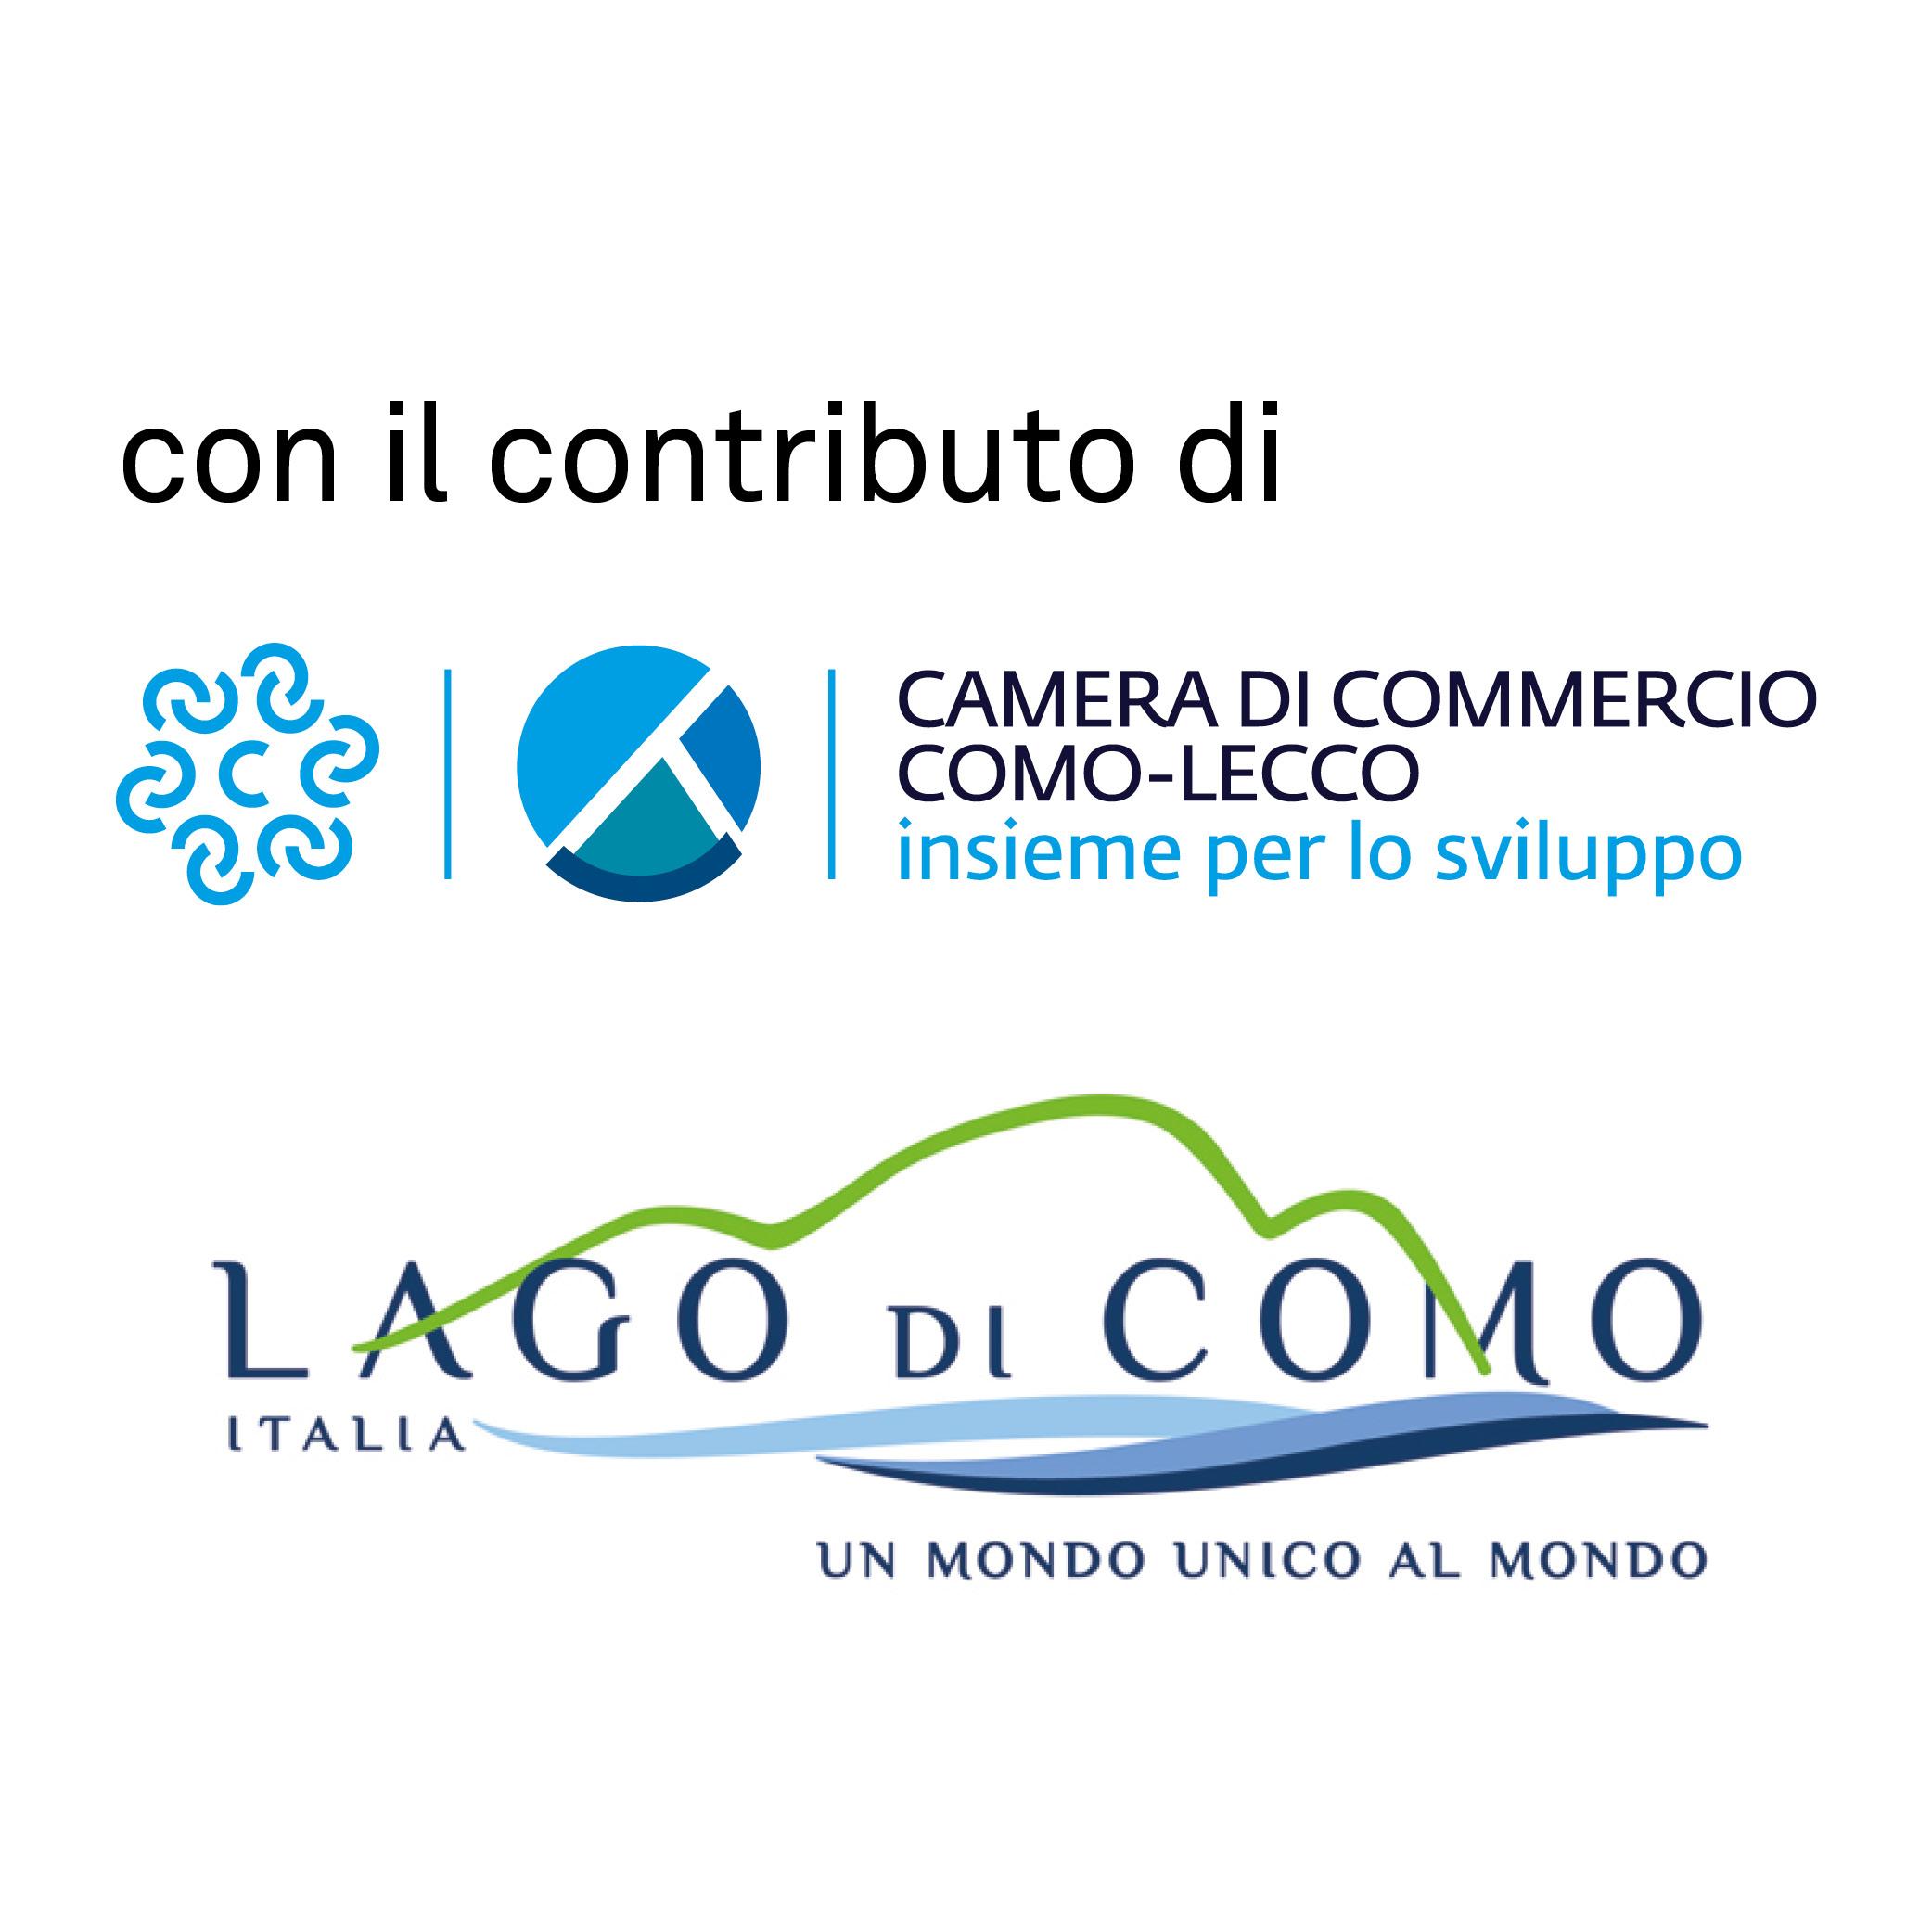 Camera di Commercio Como-Lecco